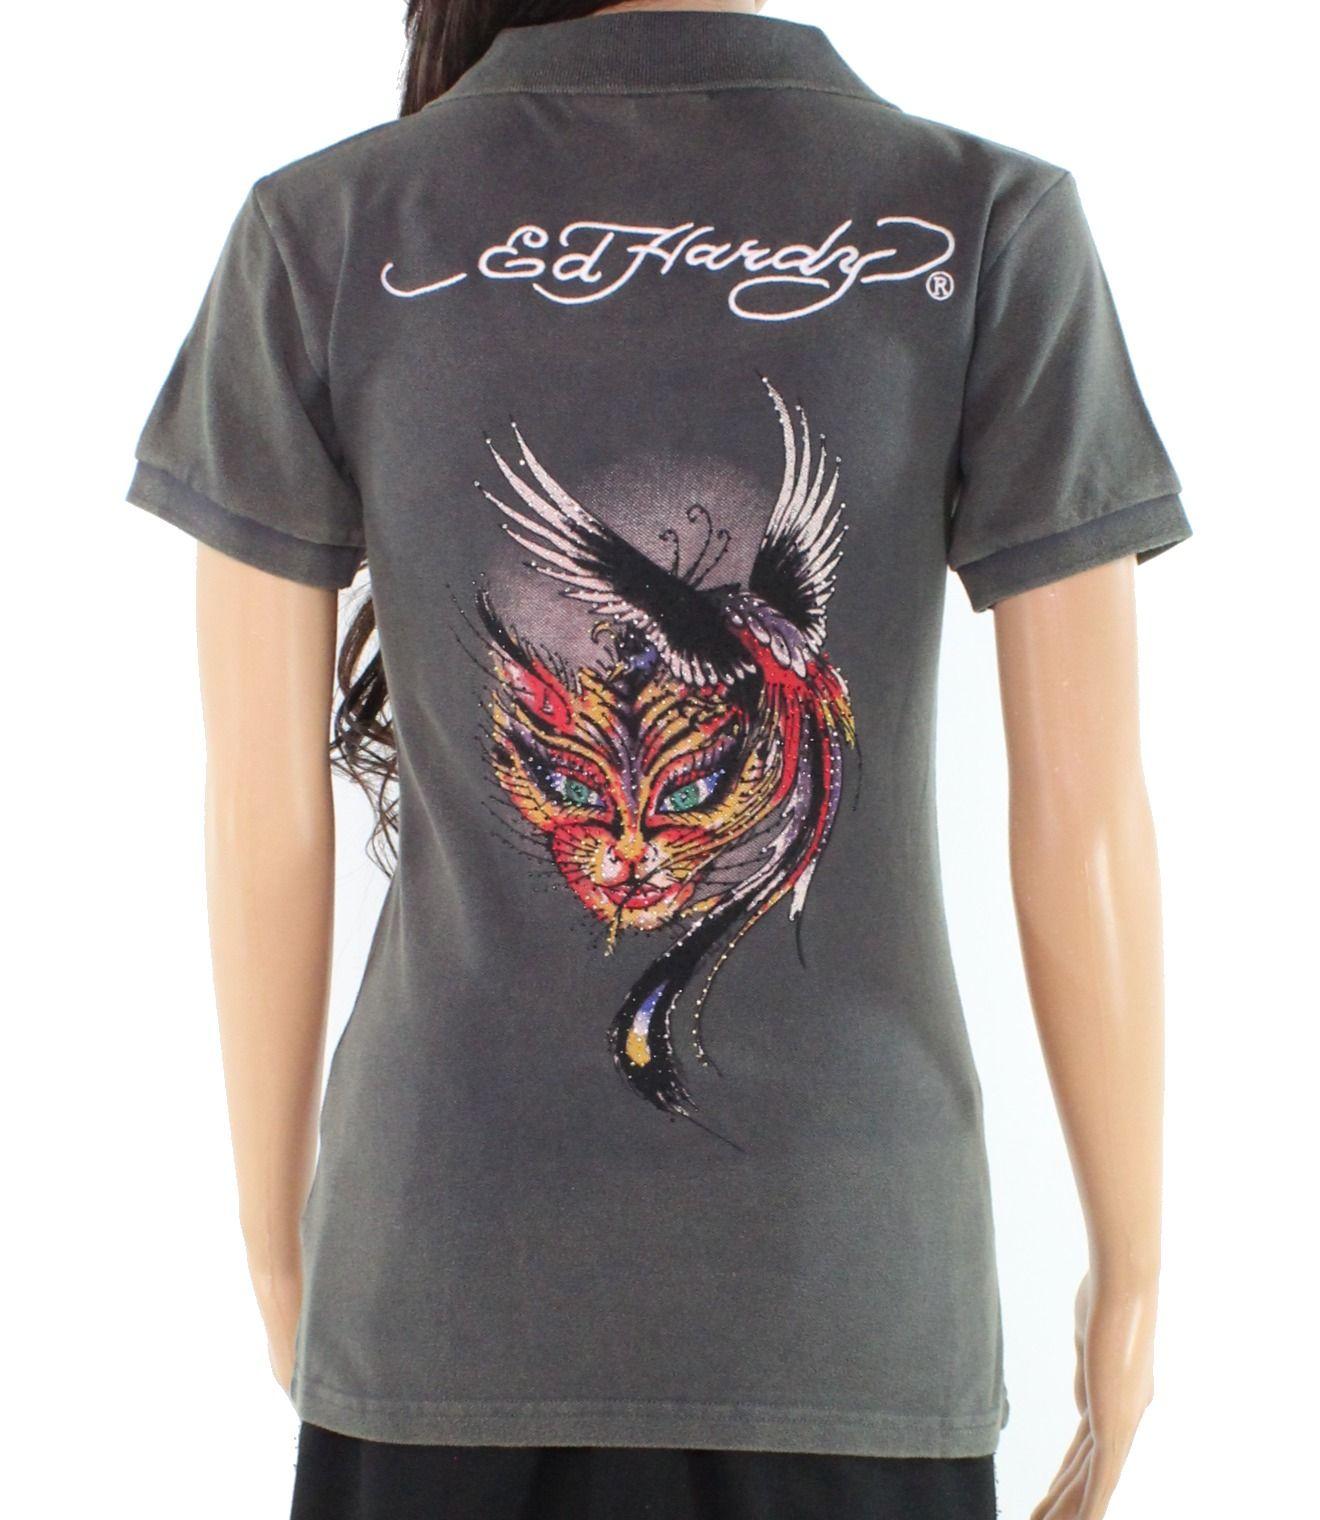 Ed Hardy Women's Shirt Gray Size XS Polo Yin-Yang Fire Cat Printed